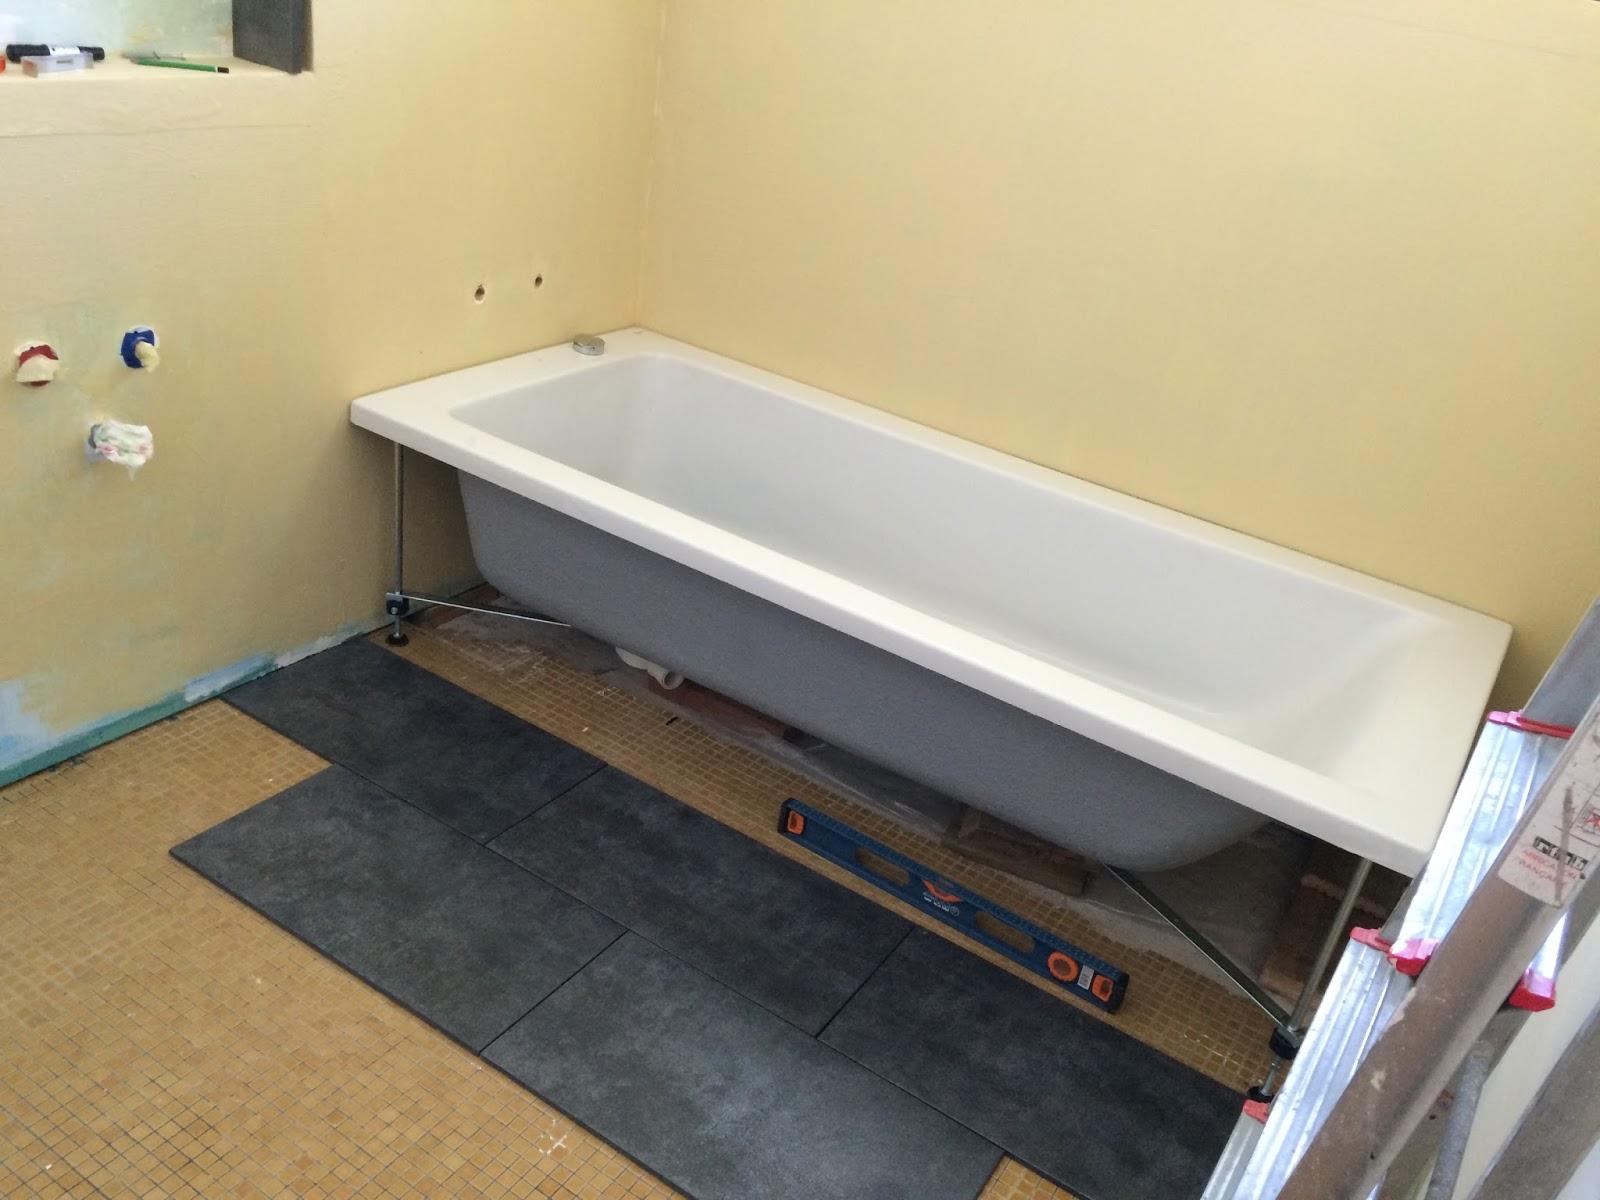 Travaux domicile pose de la baignoire for Carrelage baignoire